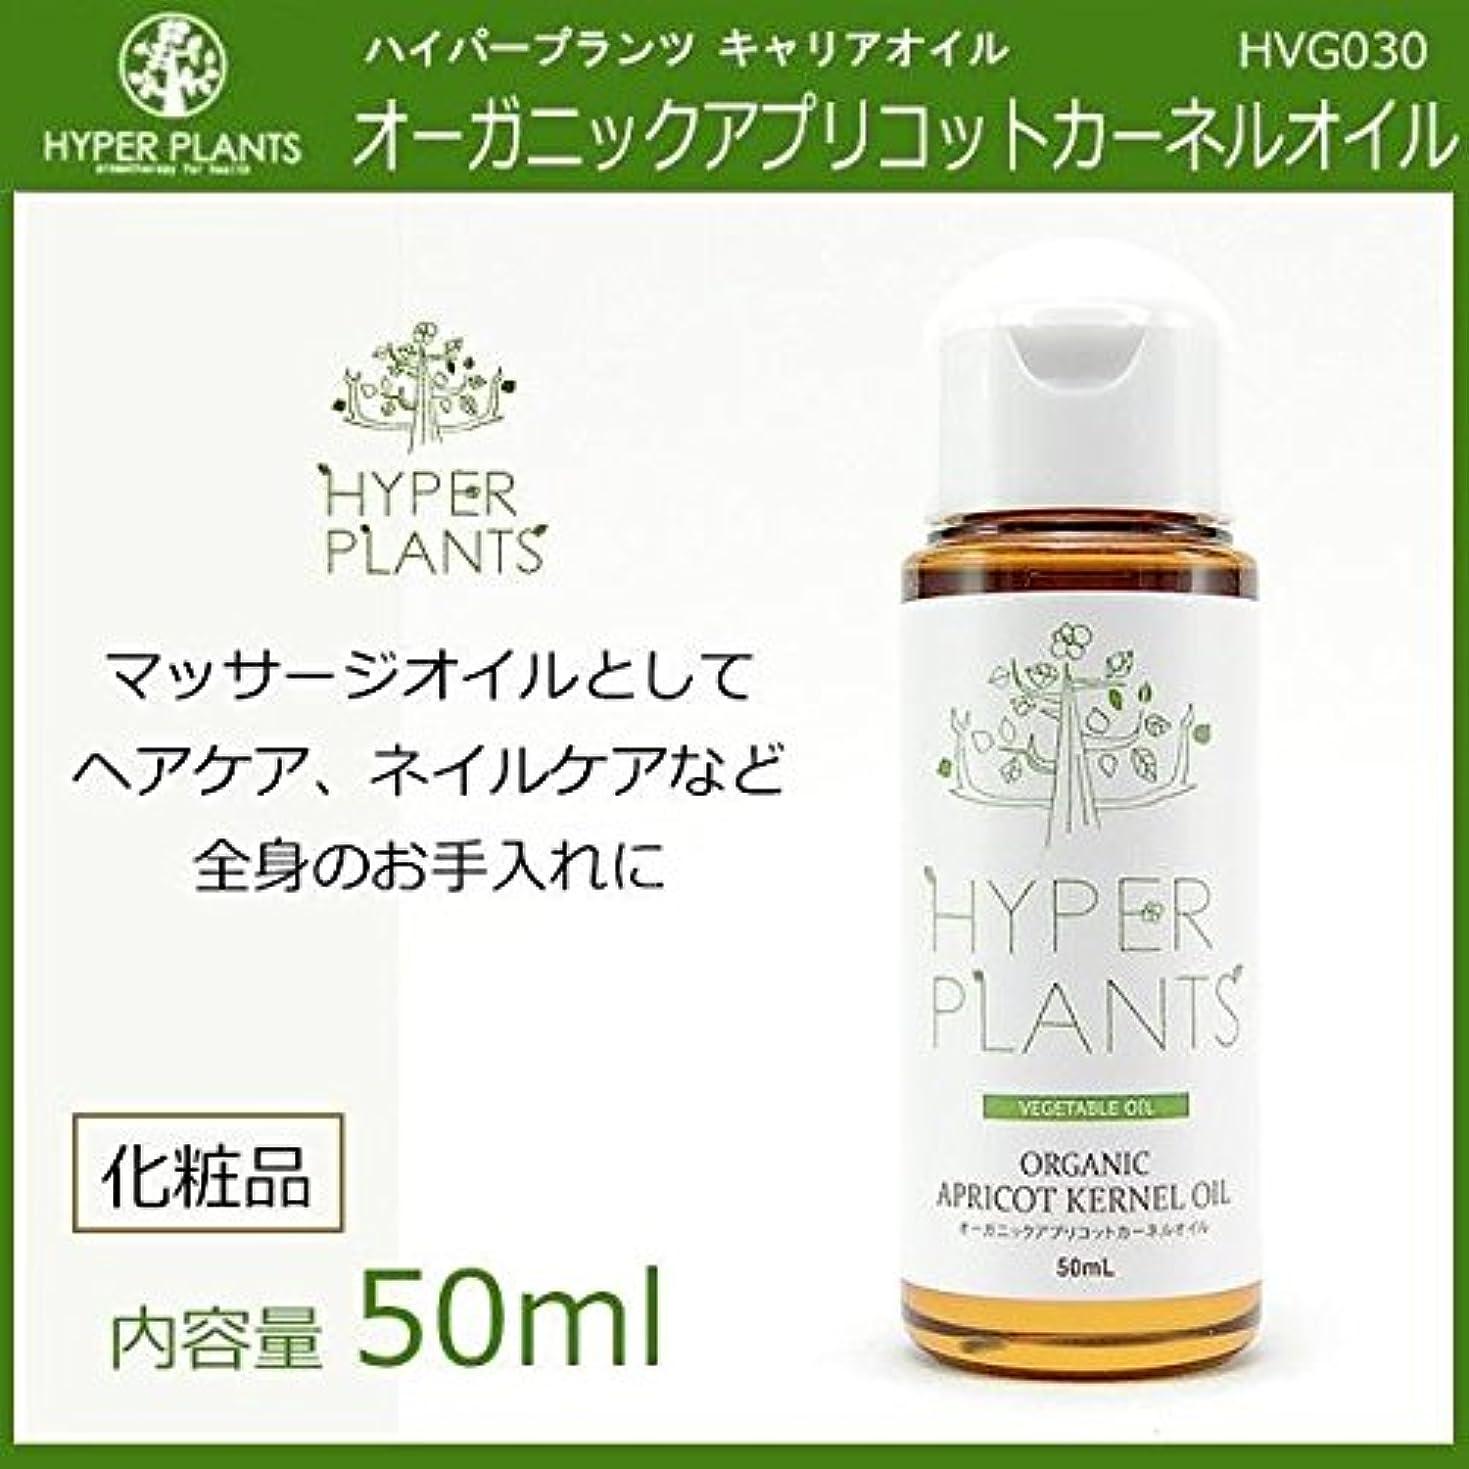 レギュラーアカウント追放するHYPER PLANTS ハイパープランツ キャリアオイル オーガニックアプリコットカーネルオイル 50ml HVG030